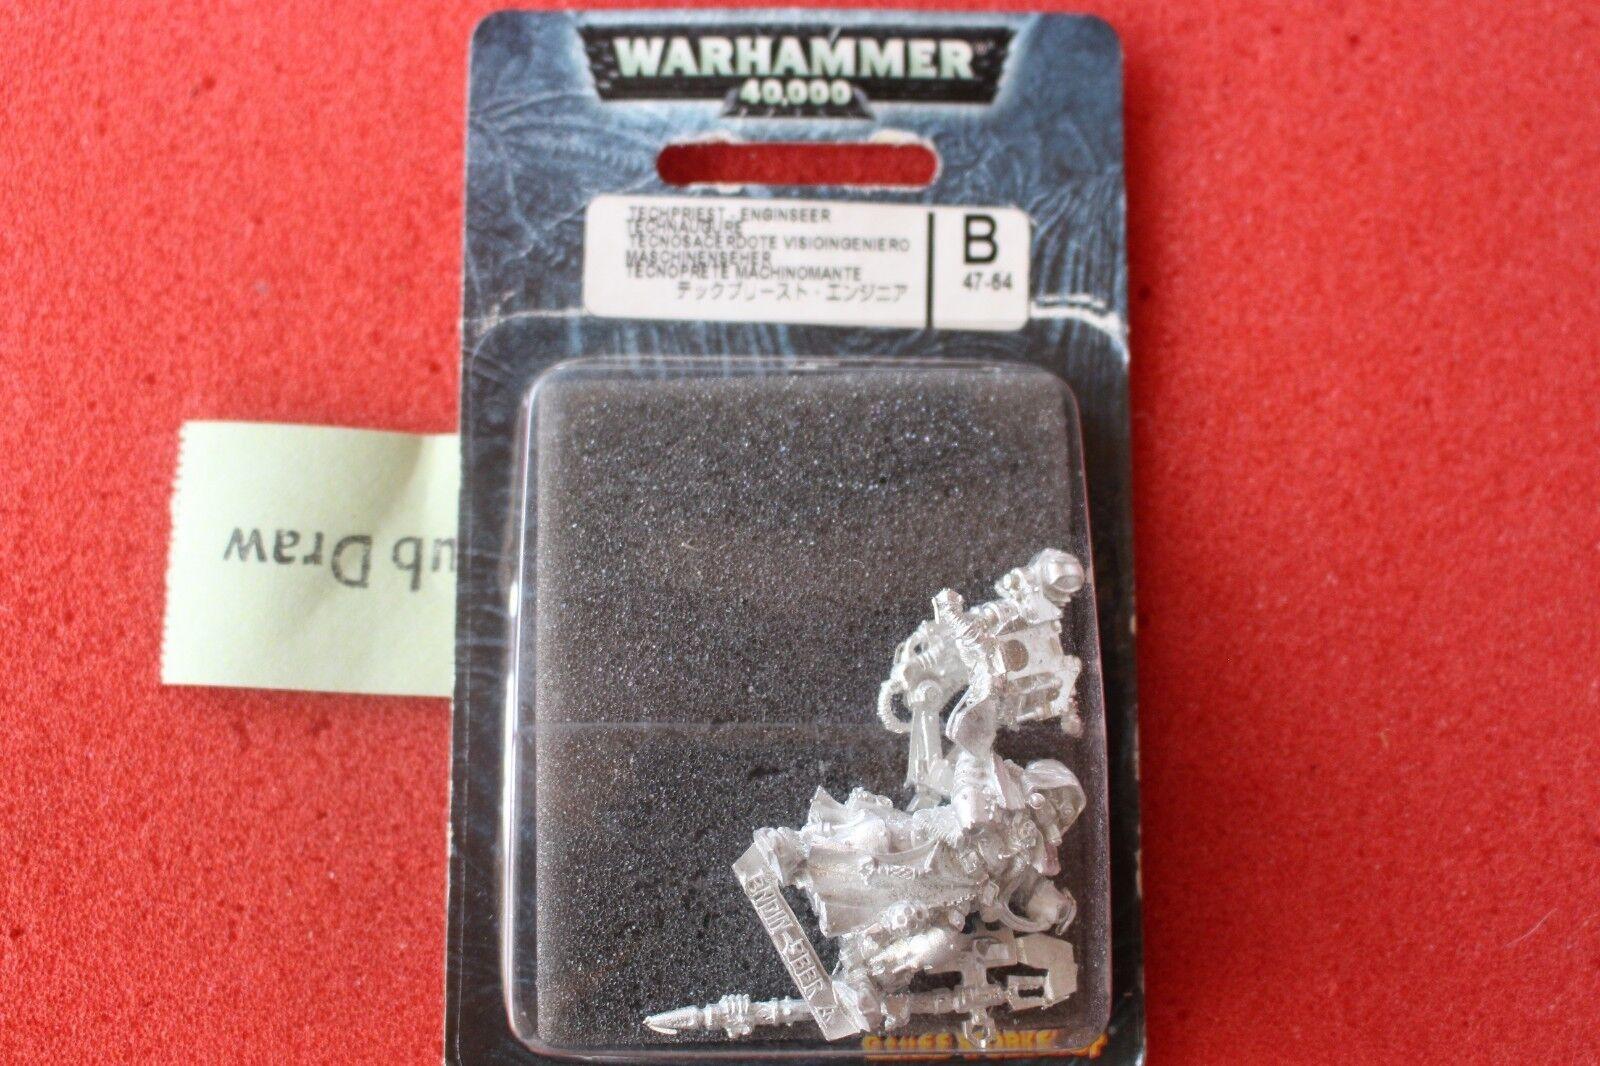 Games workshop warhammer 40k techpriest enginseer n1 adeptus mechanicus metall gw